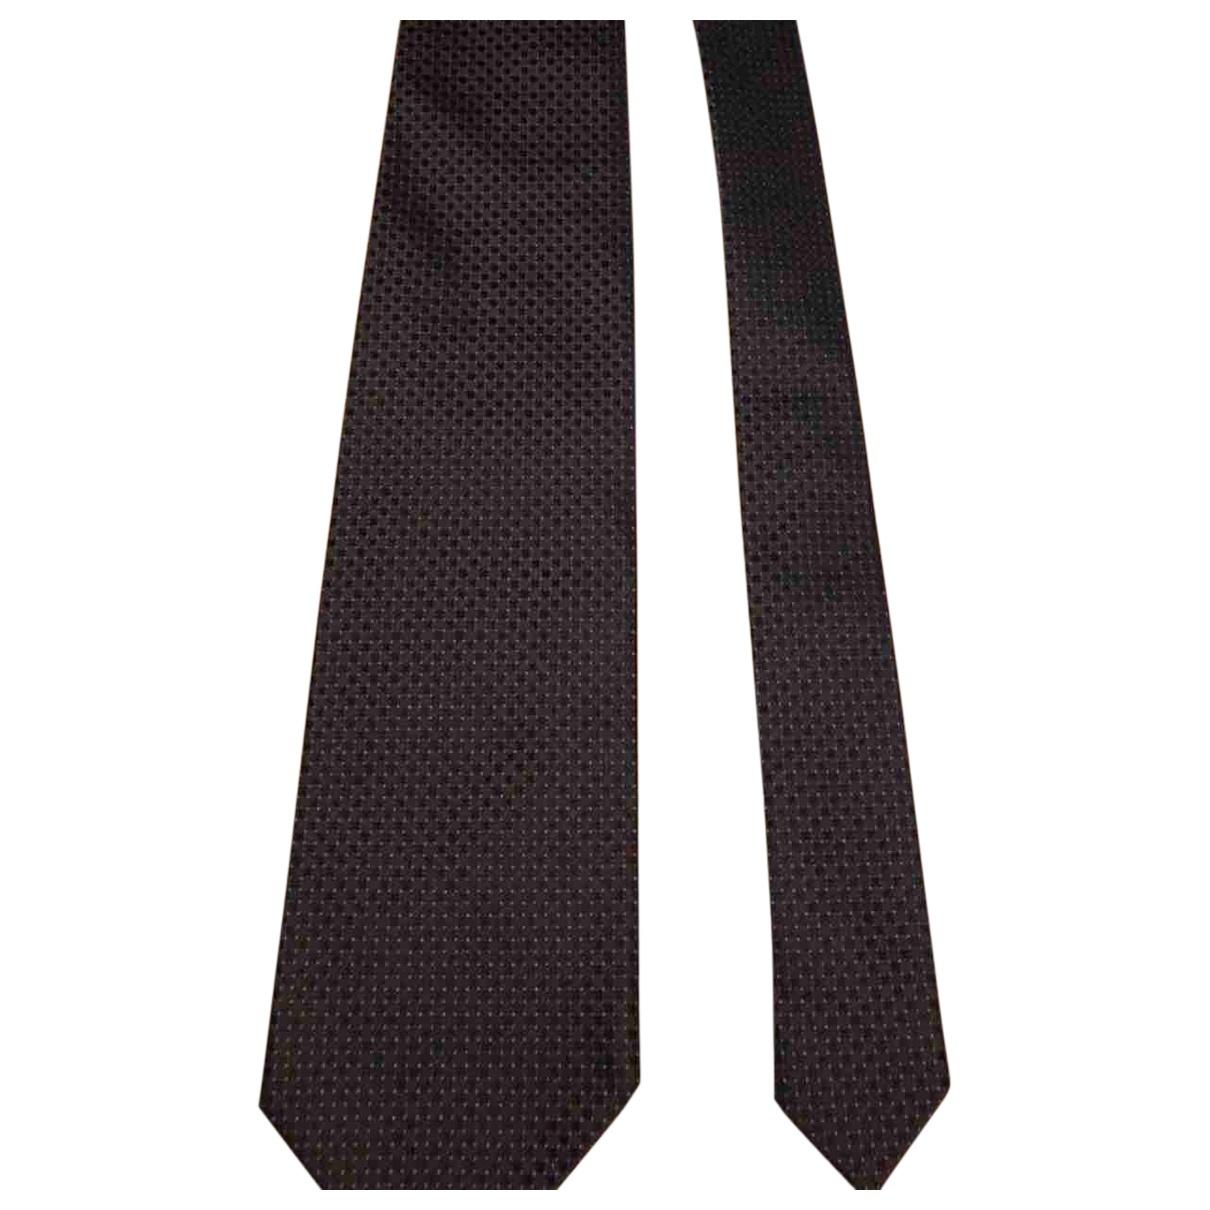 Prada - Cravates   pour homme en soie - marron